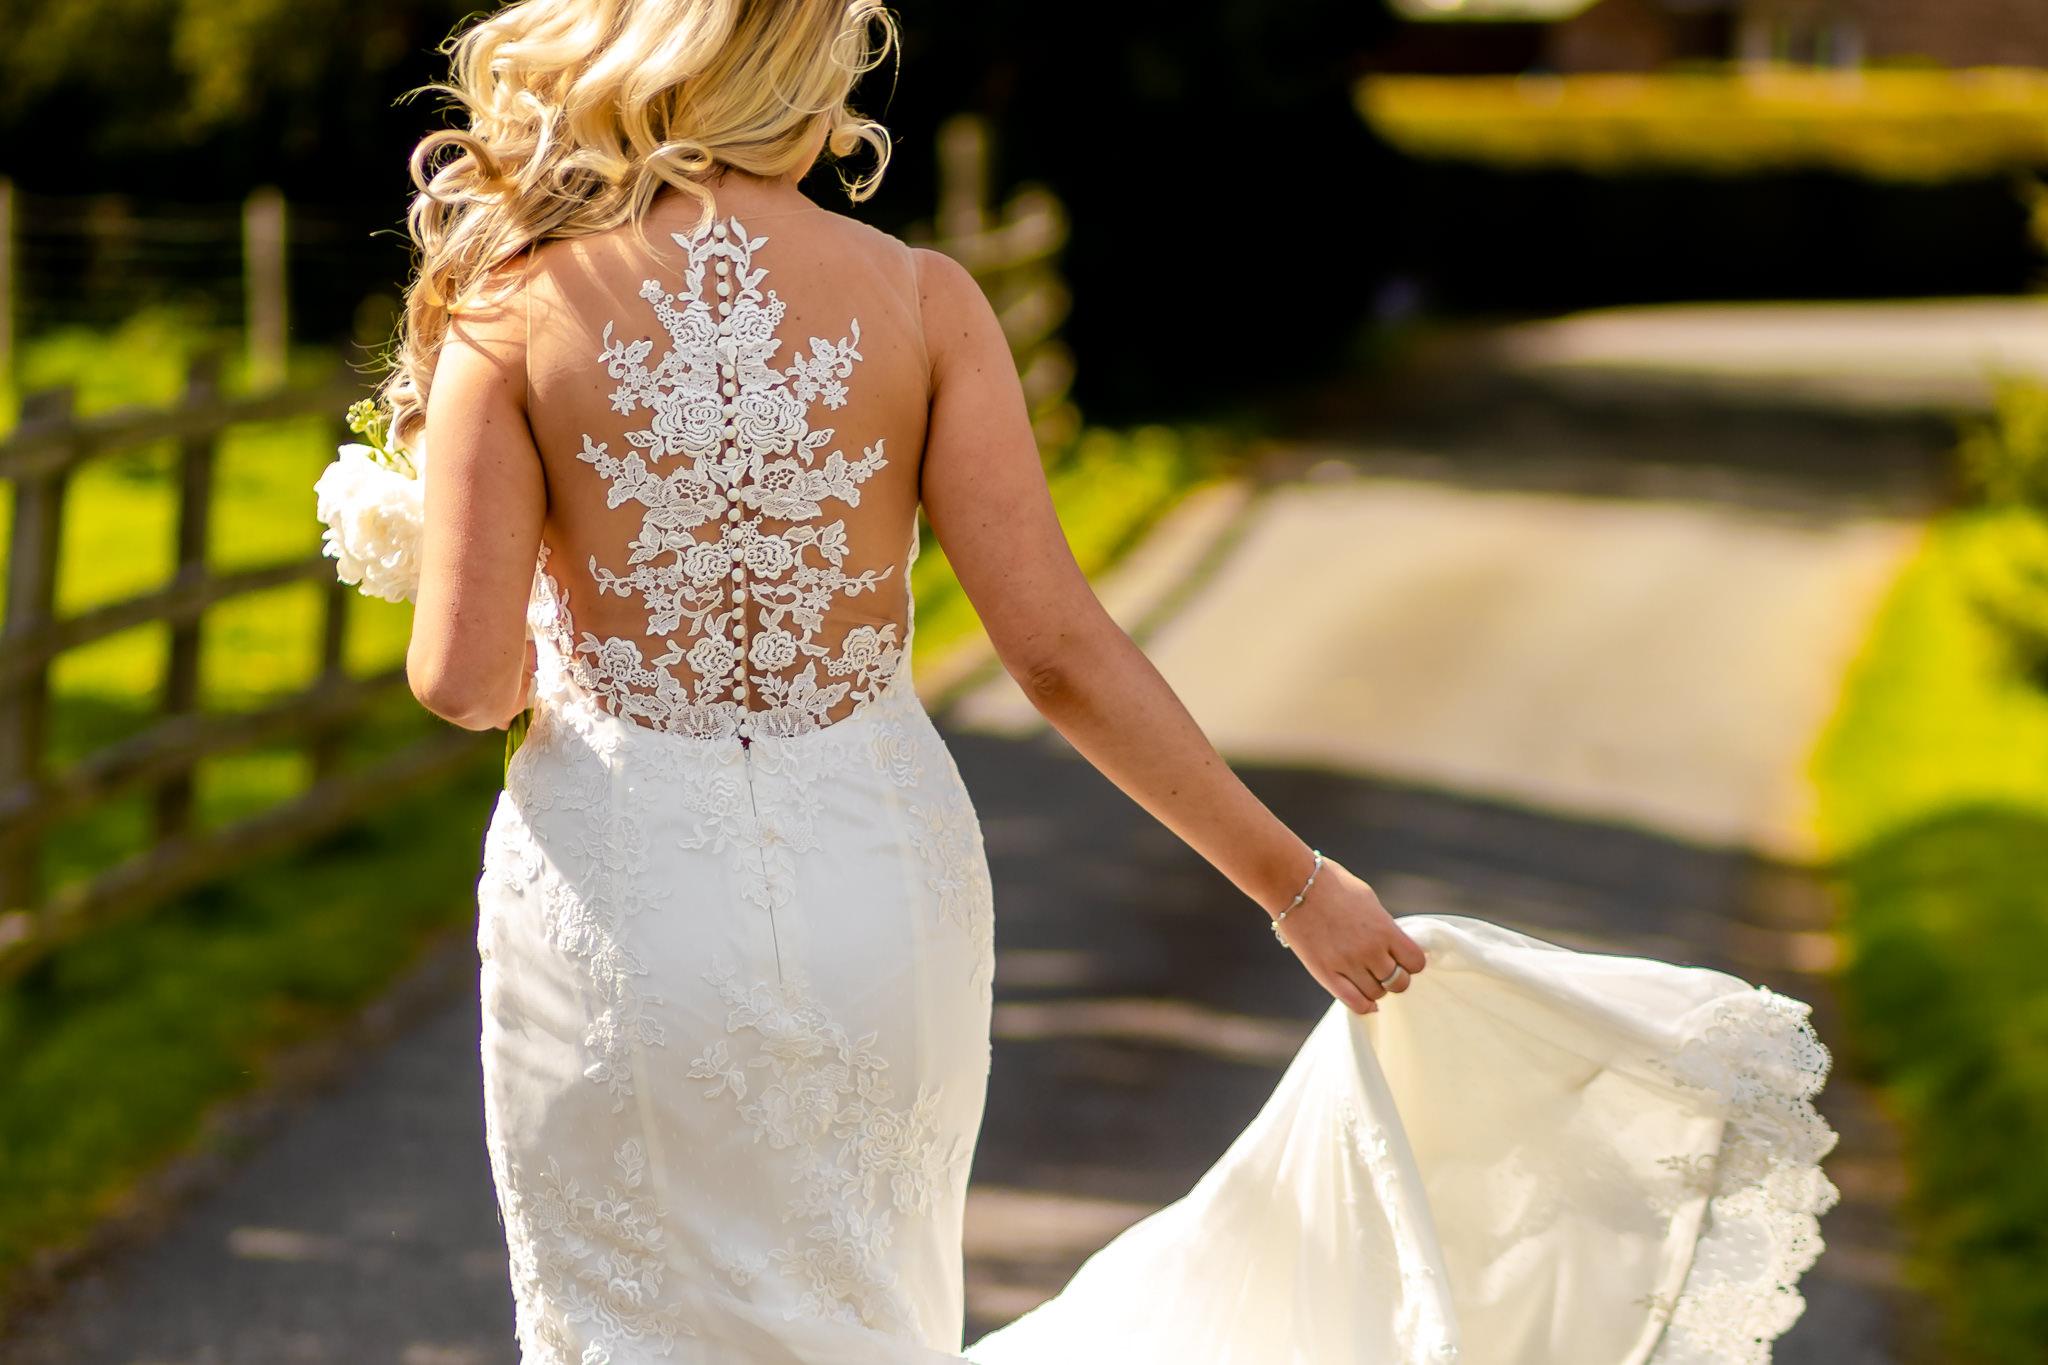 Bride - Peterstone Court wedding